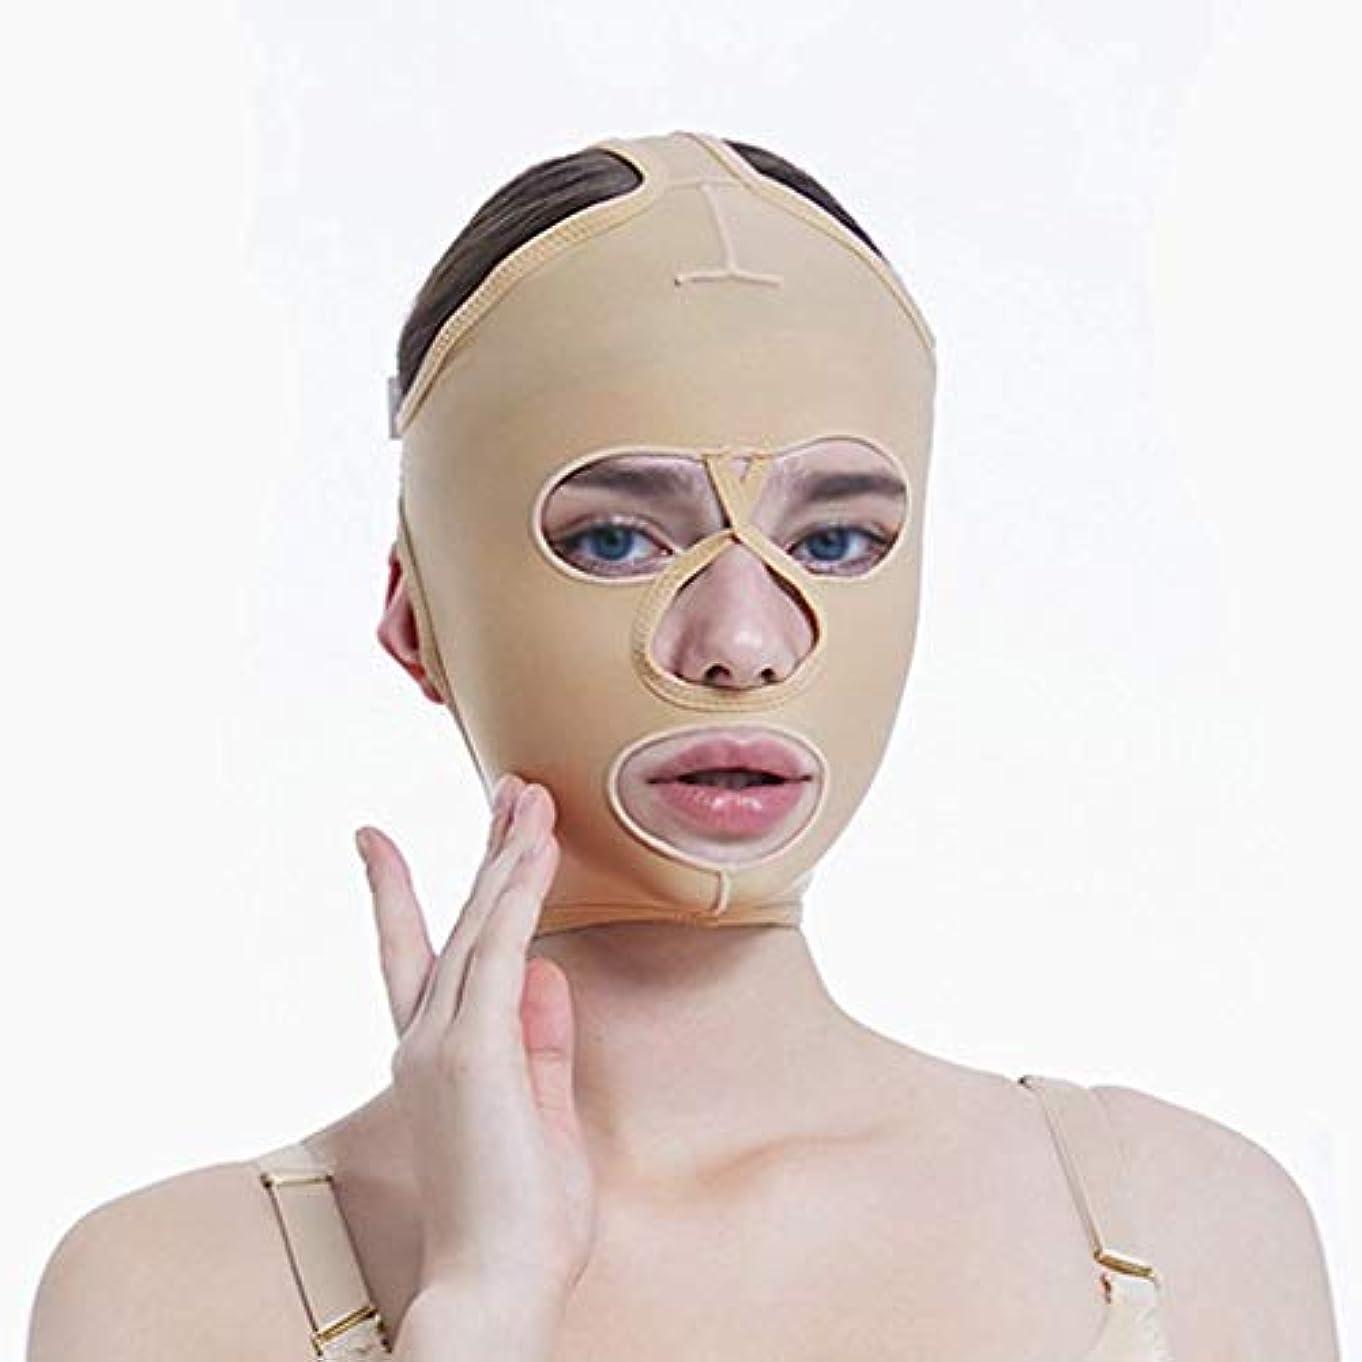 ダイバー世辞ピストンチンリフティングベルト、超薄型ベルト、引き締めマスク、包帯吊り、フェイスリフティングマスク、超薄型ベルト、通気性(サイズ:L),S